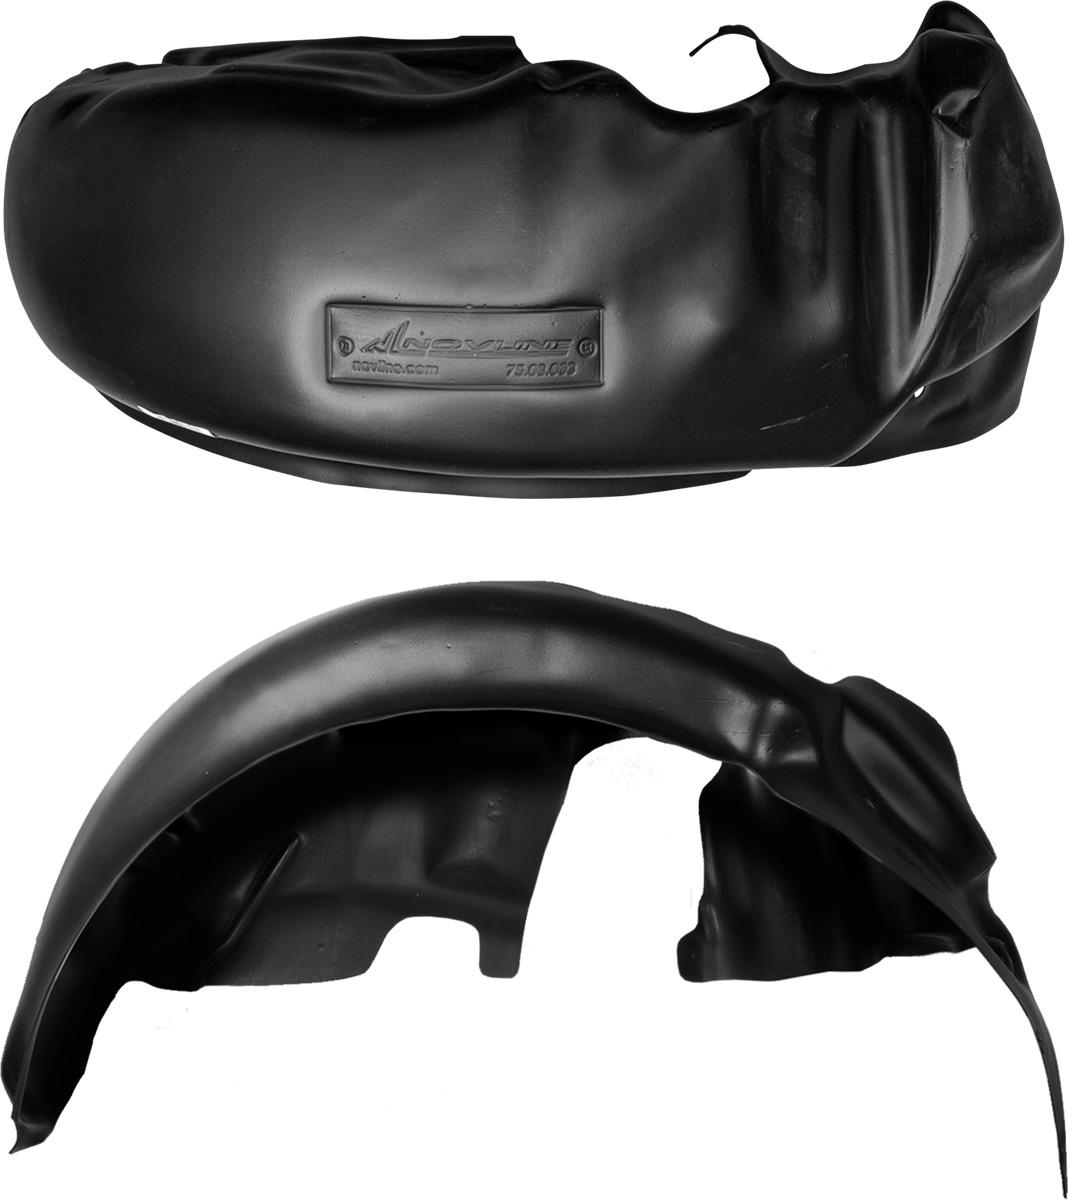 Подкрылок Novline-Autofamily, для Lada Priora, 2007 ->, задний левыйNLL.52.16.003Колесные ниши - одни из самых уязвимых зон днища вашего автомобиля. Они постоянно подвергаются воздействию со стороны дороги. Лучшая, почти абсолютная защита для них - специально отформованные пластиковые кожухи, которые называются подкрылками. Производятся они как для отечественных моделей автомобилей, так и для иномарок. Подкрылки Novline-Autofamily выполнены из высококачественного, экологически чистого пластика. Обеспечивают надежную защиту кузова автомобиля от пескоструйного эффекта и негативного влияния, агрессивных антигололедных реагентов. Пластик обладает более низкой теплопроводностью, чем металл, поэтому в зимний период эксплуатации использование пластиковых подкрылков позволяет лучше защитить колесные ниши от налипания снега и образования наледи. Оригинальность конструкции подчеркивает элегантность автомобиля, бережно защищает нанесенное на днище кузова антикоррозийное покрытие и позволяет осуществить крепление подкрылков внутри колесной арки практически без дополнительного крепежа и сверления, не нарушая при этом лакокрасочного покрытия, что предотвращает возникновение новых очагов коррозии. Подкрылки долговечны, обладают высокой прочностью и сохраняют заданную форму, а также все свои физико-механические характеристики в самых тяжелых климатических условиях (от -50°С до +50°С).Уважаемые клиенты!Обращаем ваше внимание, на тот факт, что подкрылок имеет форму, соответствующую модели данного автомобиля. Фото служит для визуального восприятия товара.